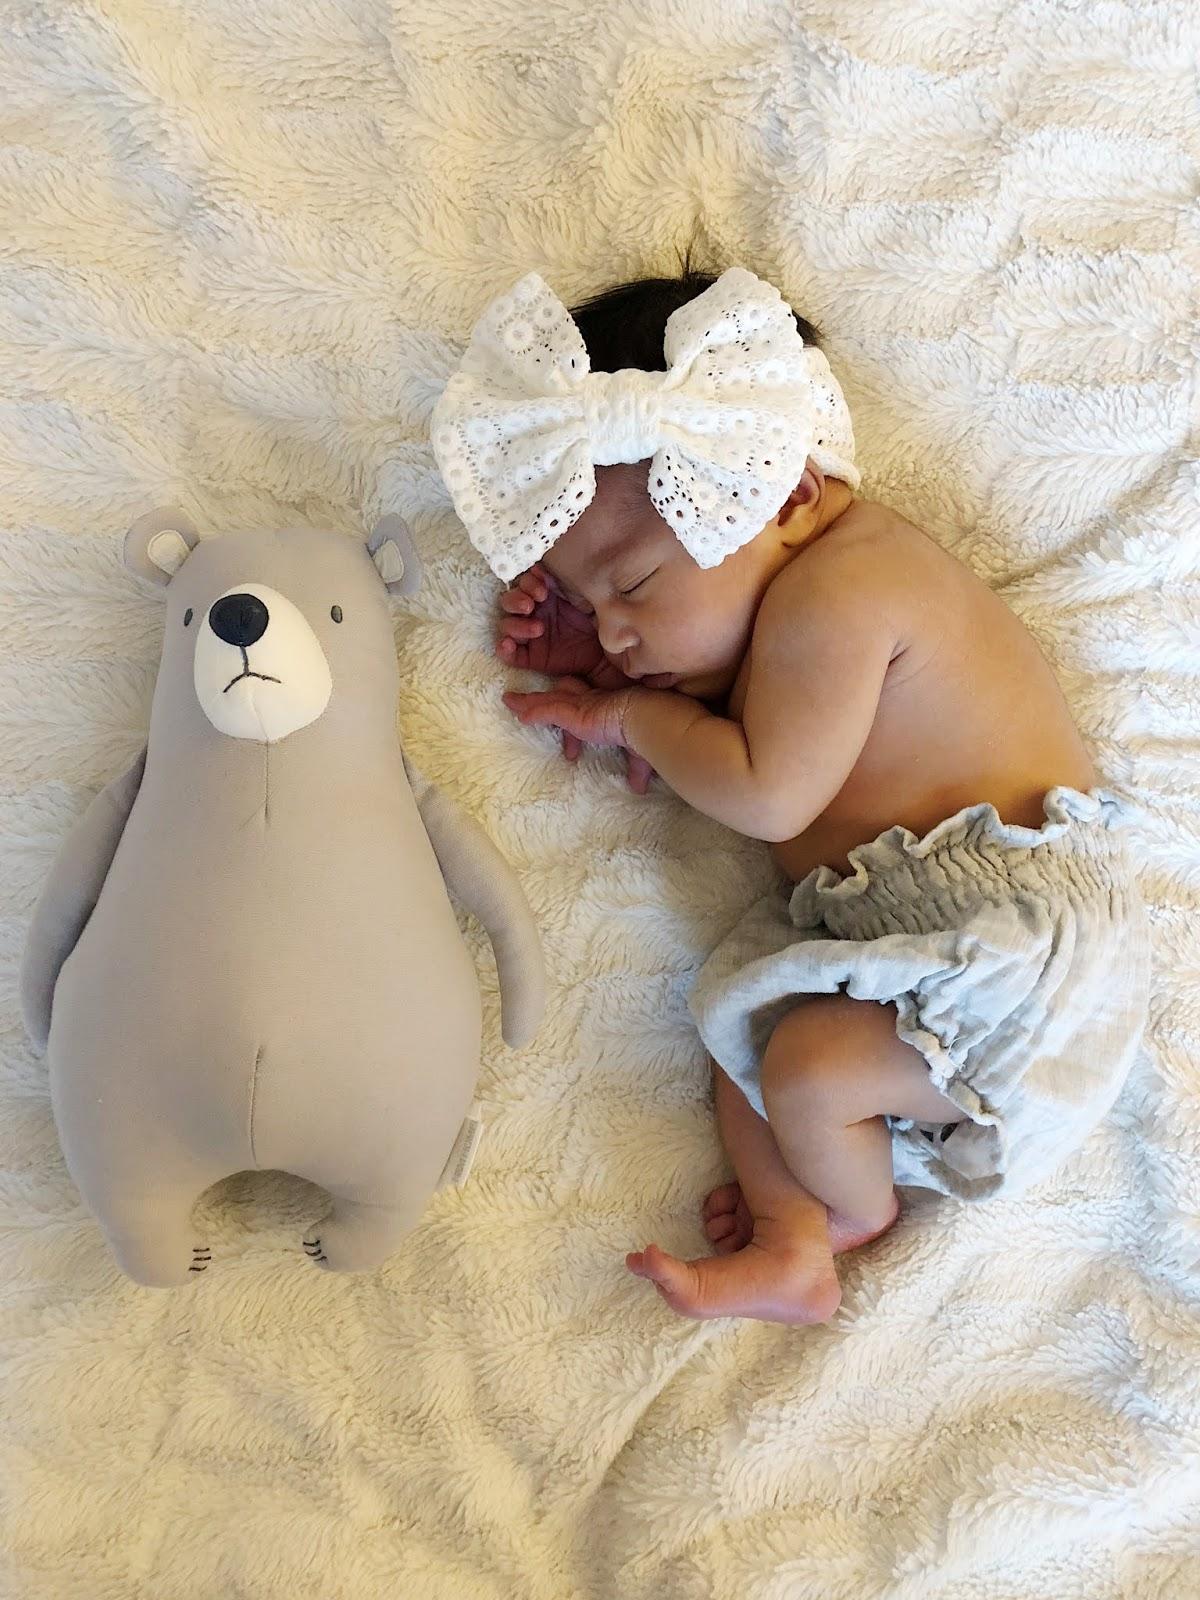 Balilaista vauvanhoitoa